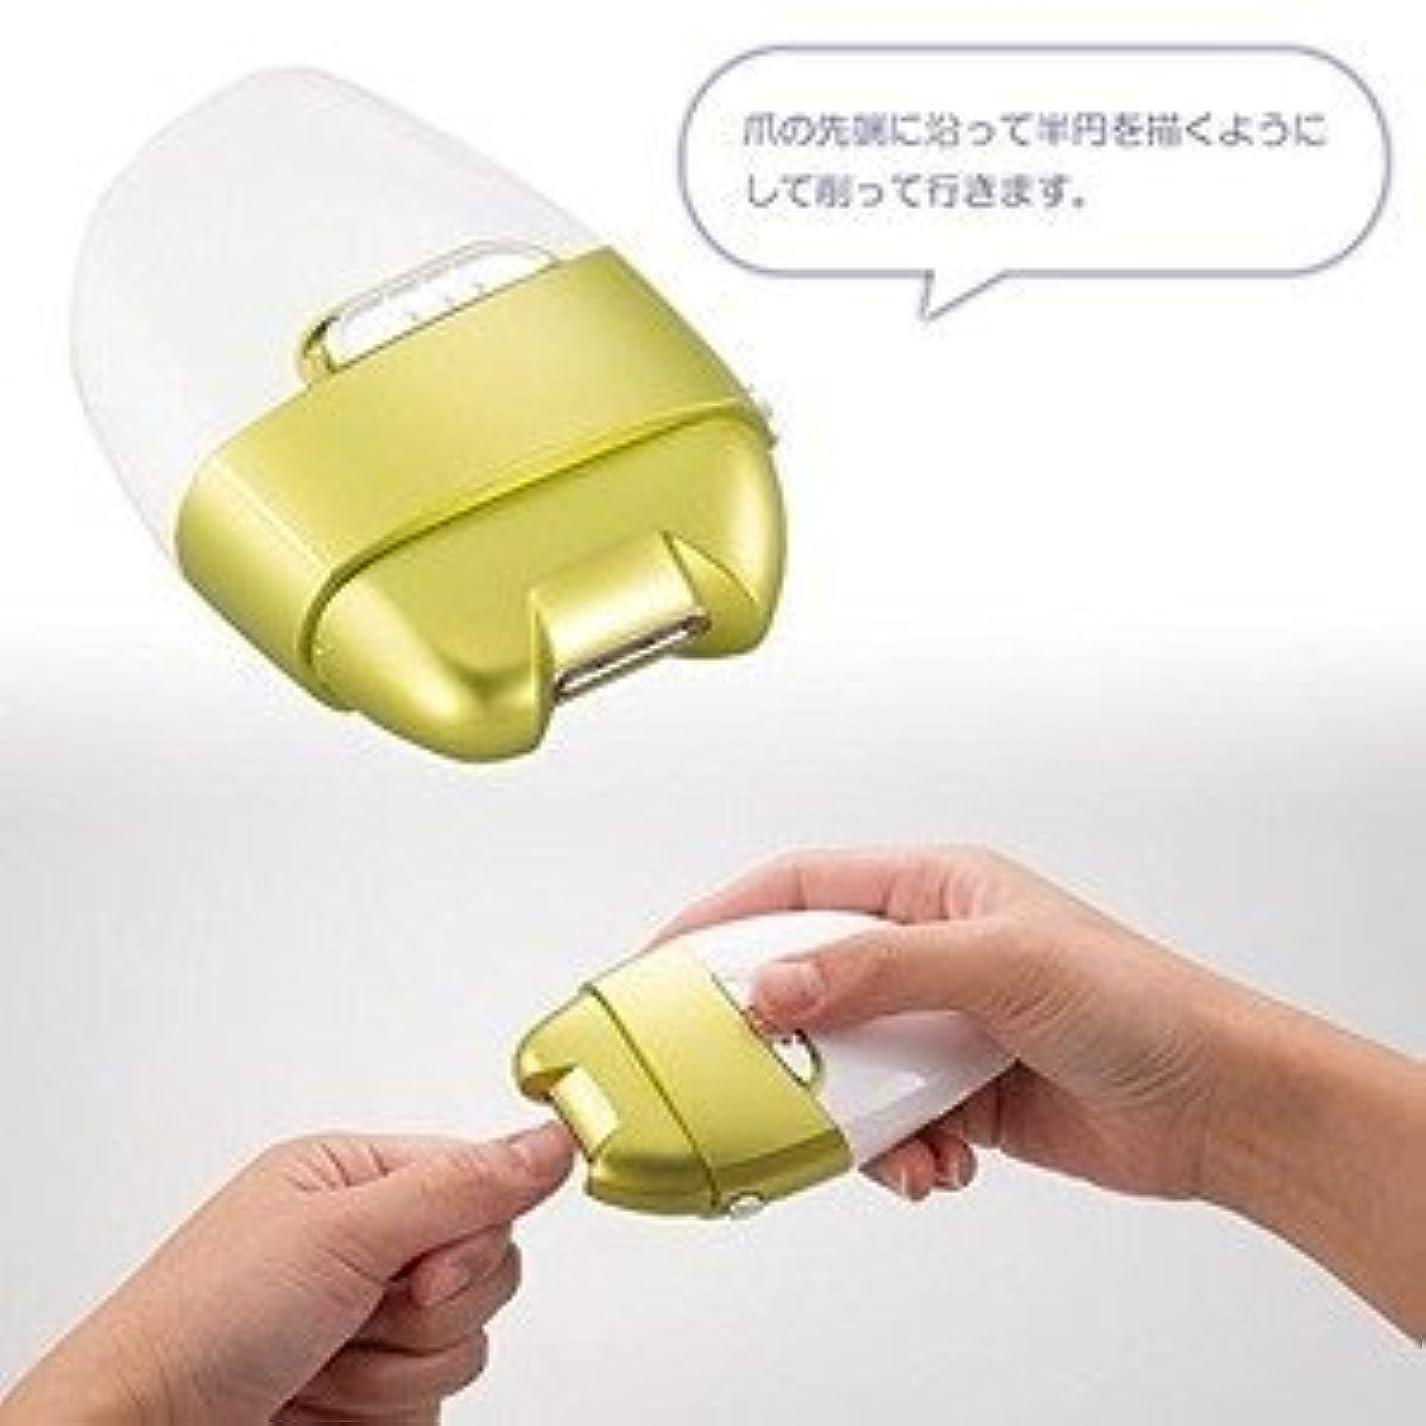 慎重にゆるいパスタ電動爪削り/ネイルケア 【グリーン×ホワイト】 角質ケア 『Leaf』 ds-1651428